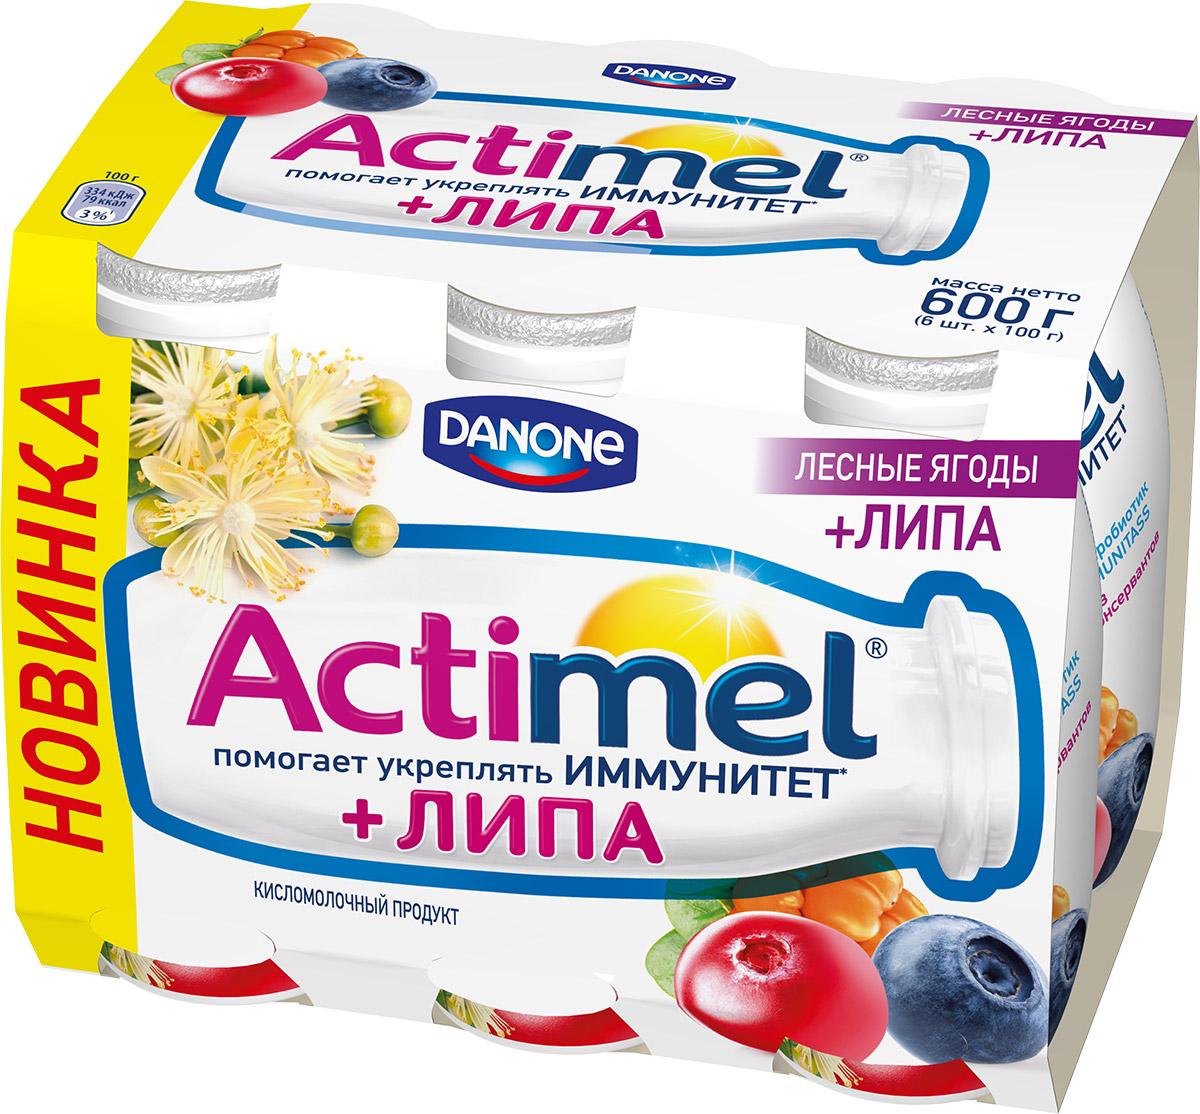 Актимель Продукт кисломолочный, Лесные ягоды с липой 2,5%, 6 шт по 100 г актимель продукт кисломолочный 2 6